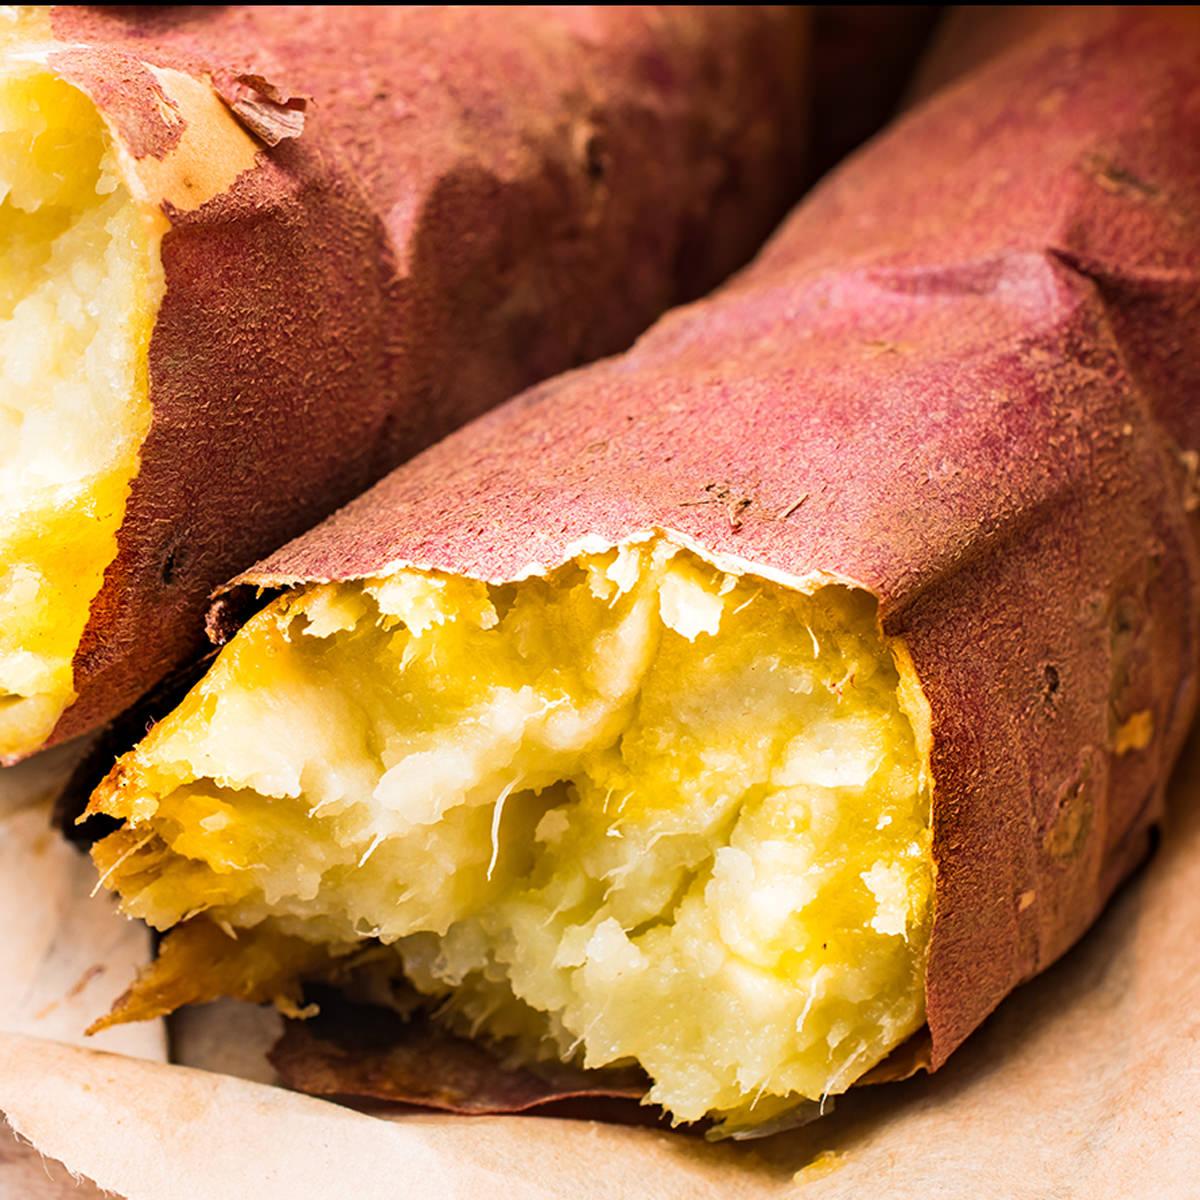 サラダファイブ 濃厚で甘いブランド芋 茨城県産さつまいも シルクスイート A等級〔Mサイズ5kg〕